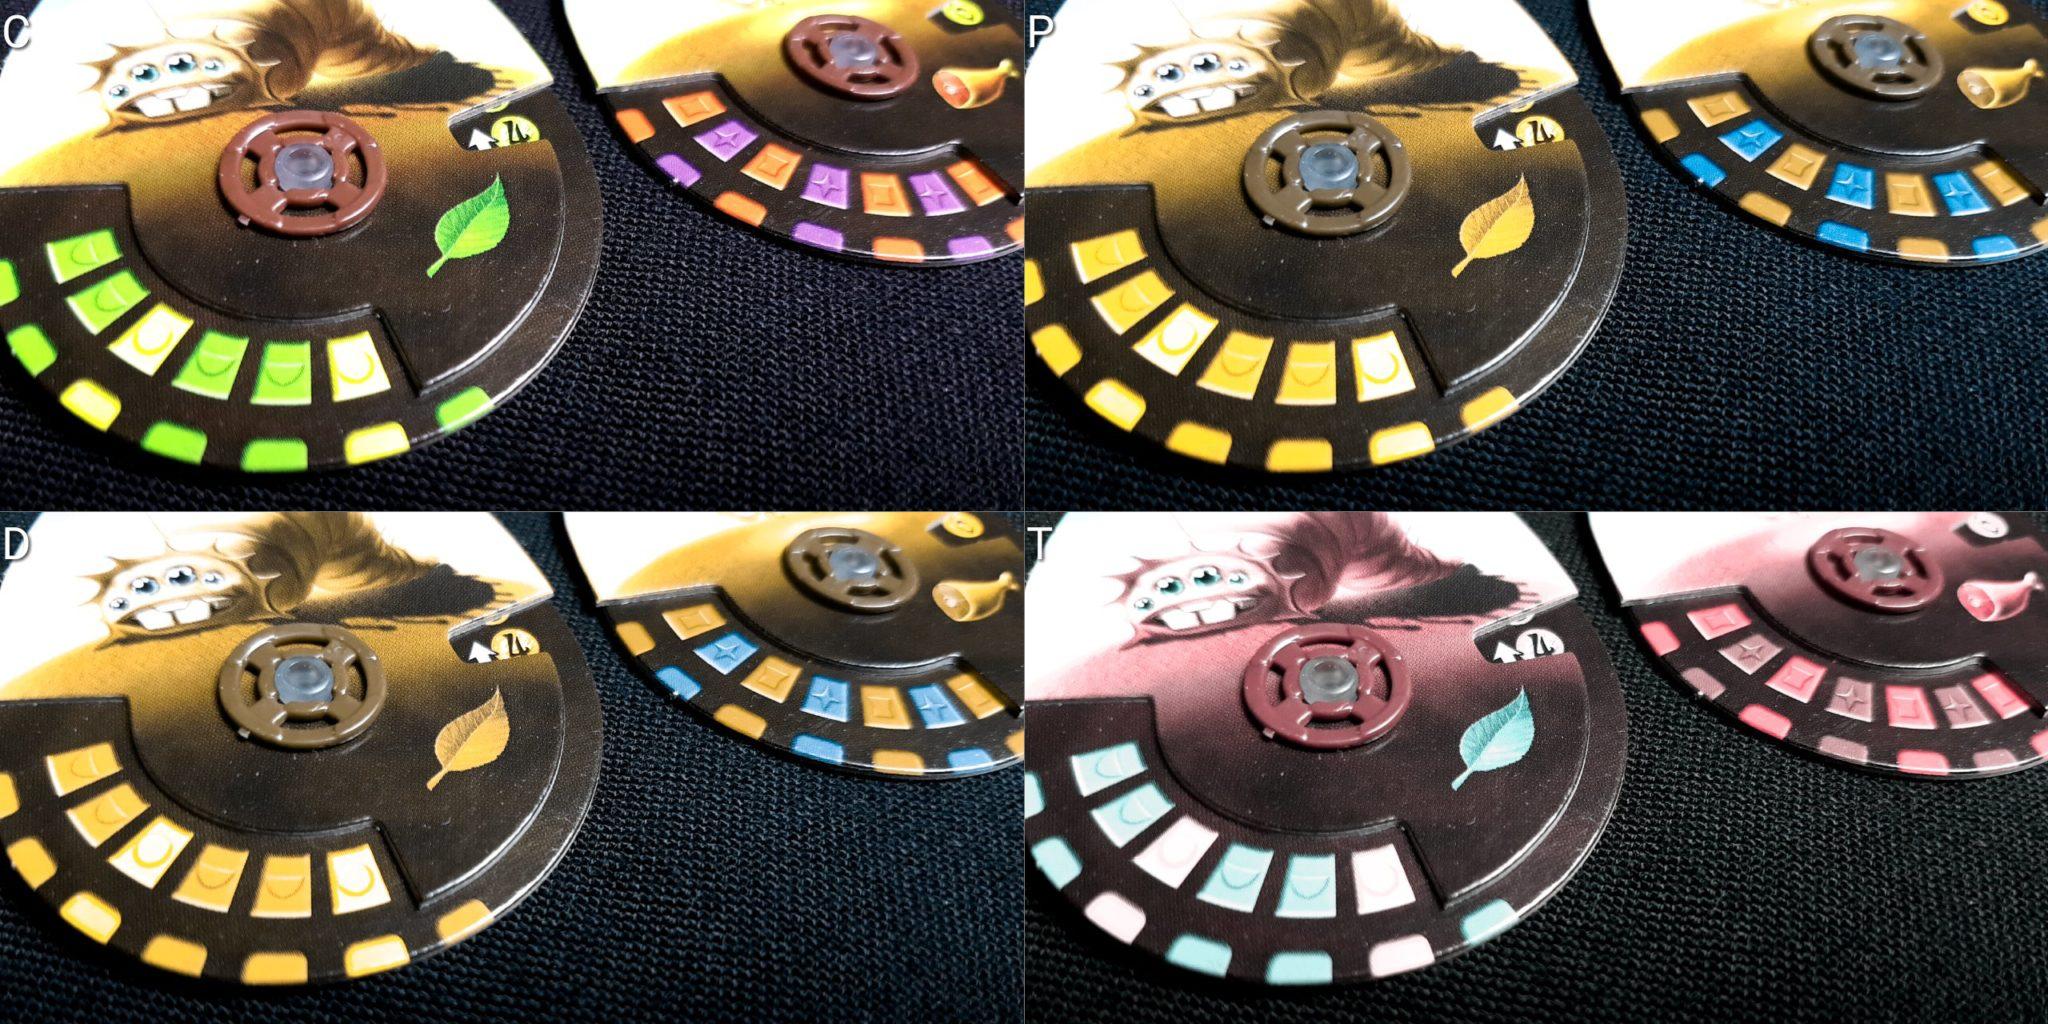 Colour blind pet dials